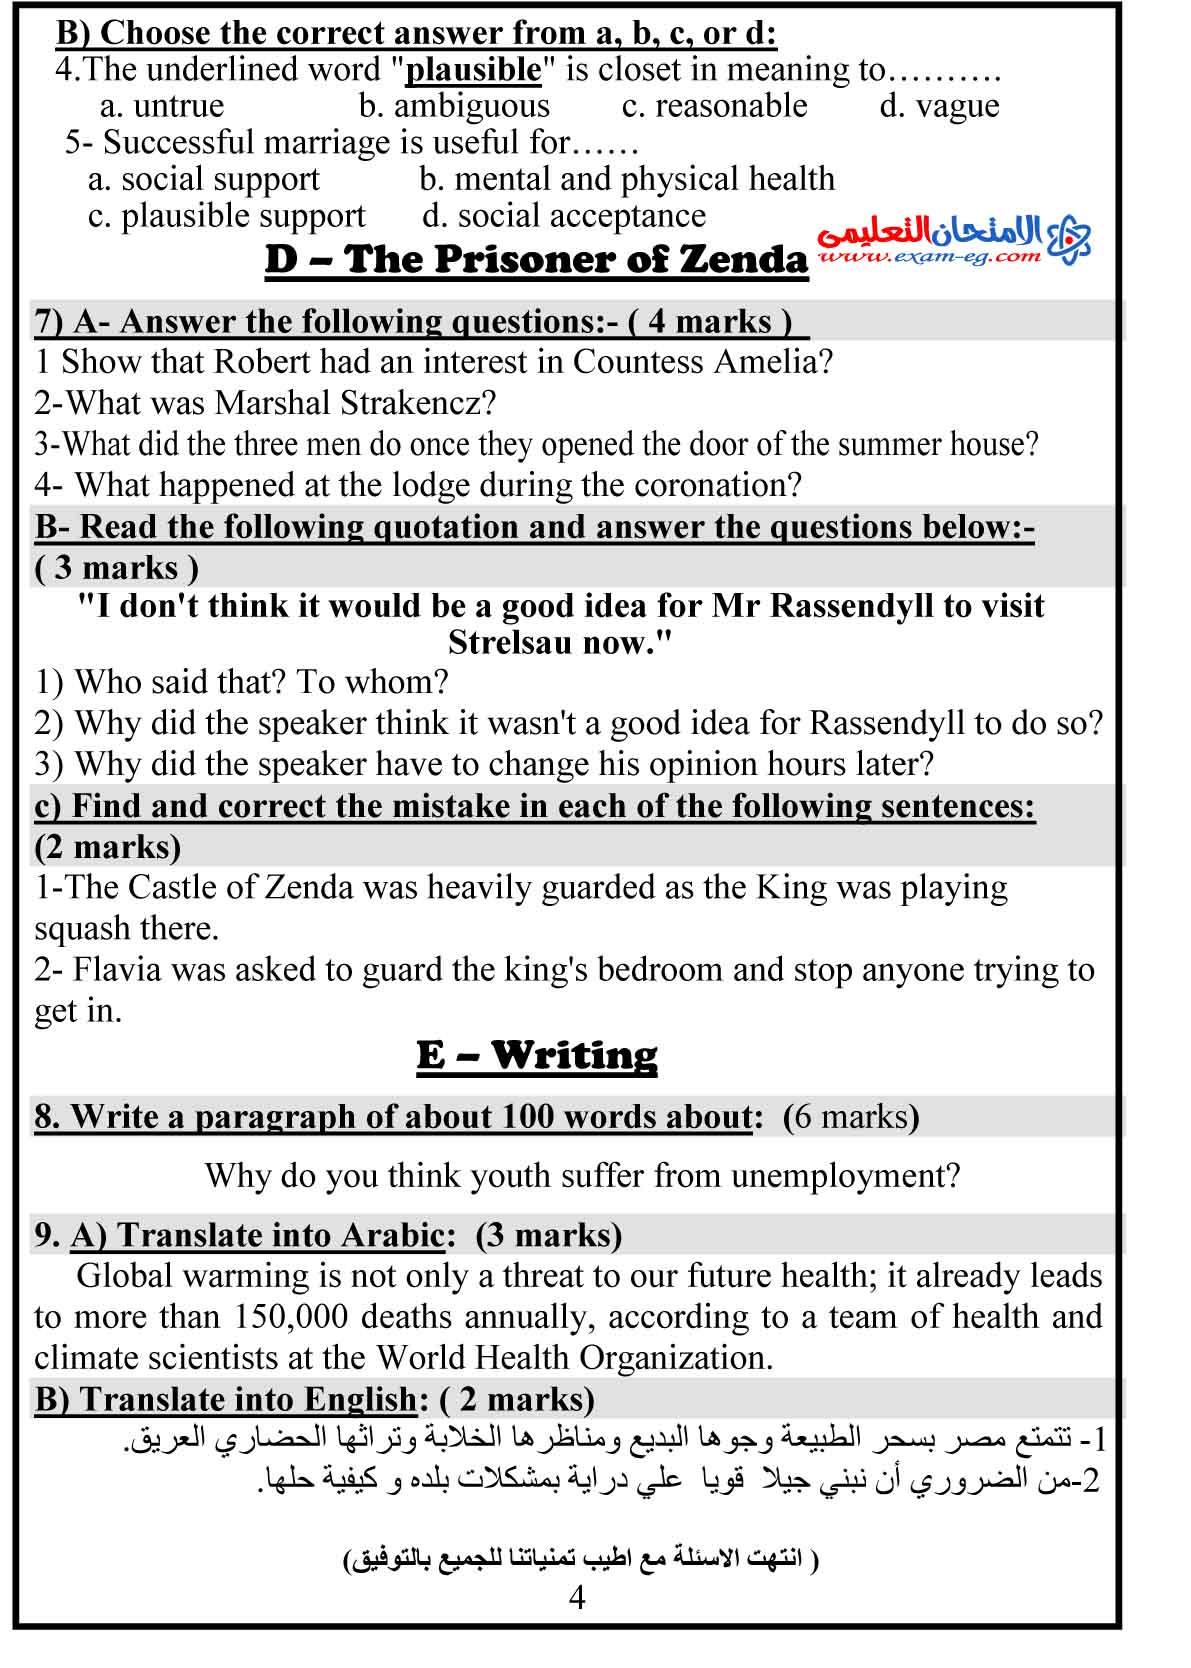 امتحان لغة انجليزية 1 - الامتحان التعليمى-4